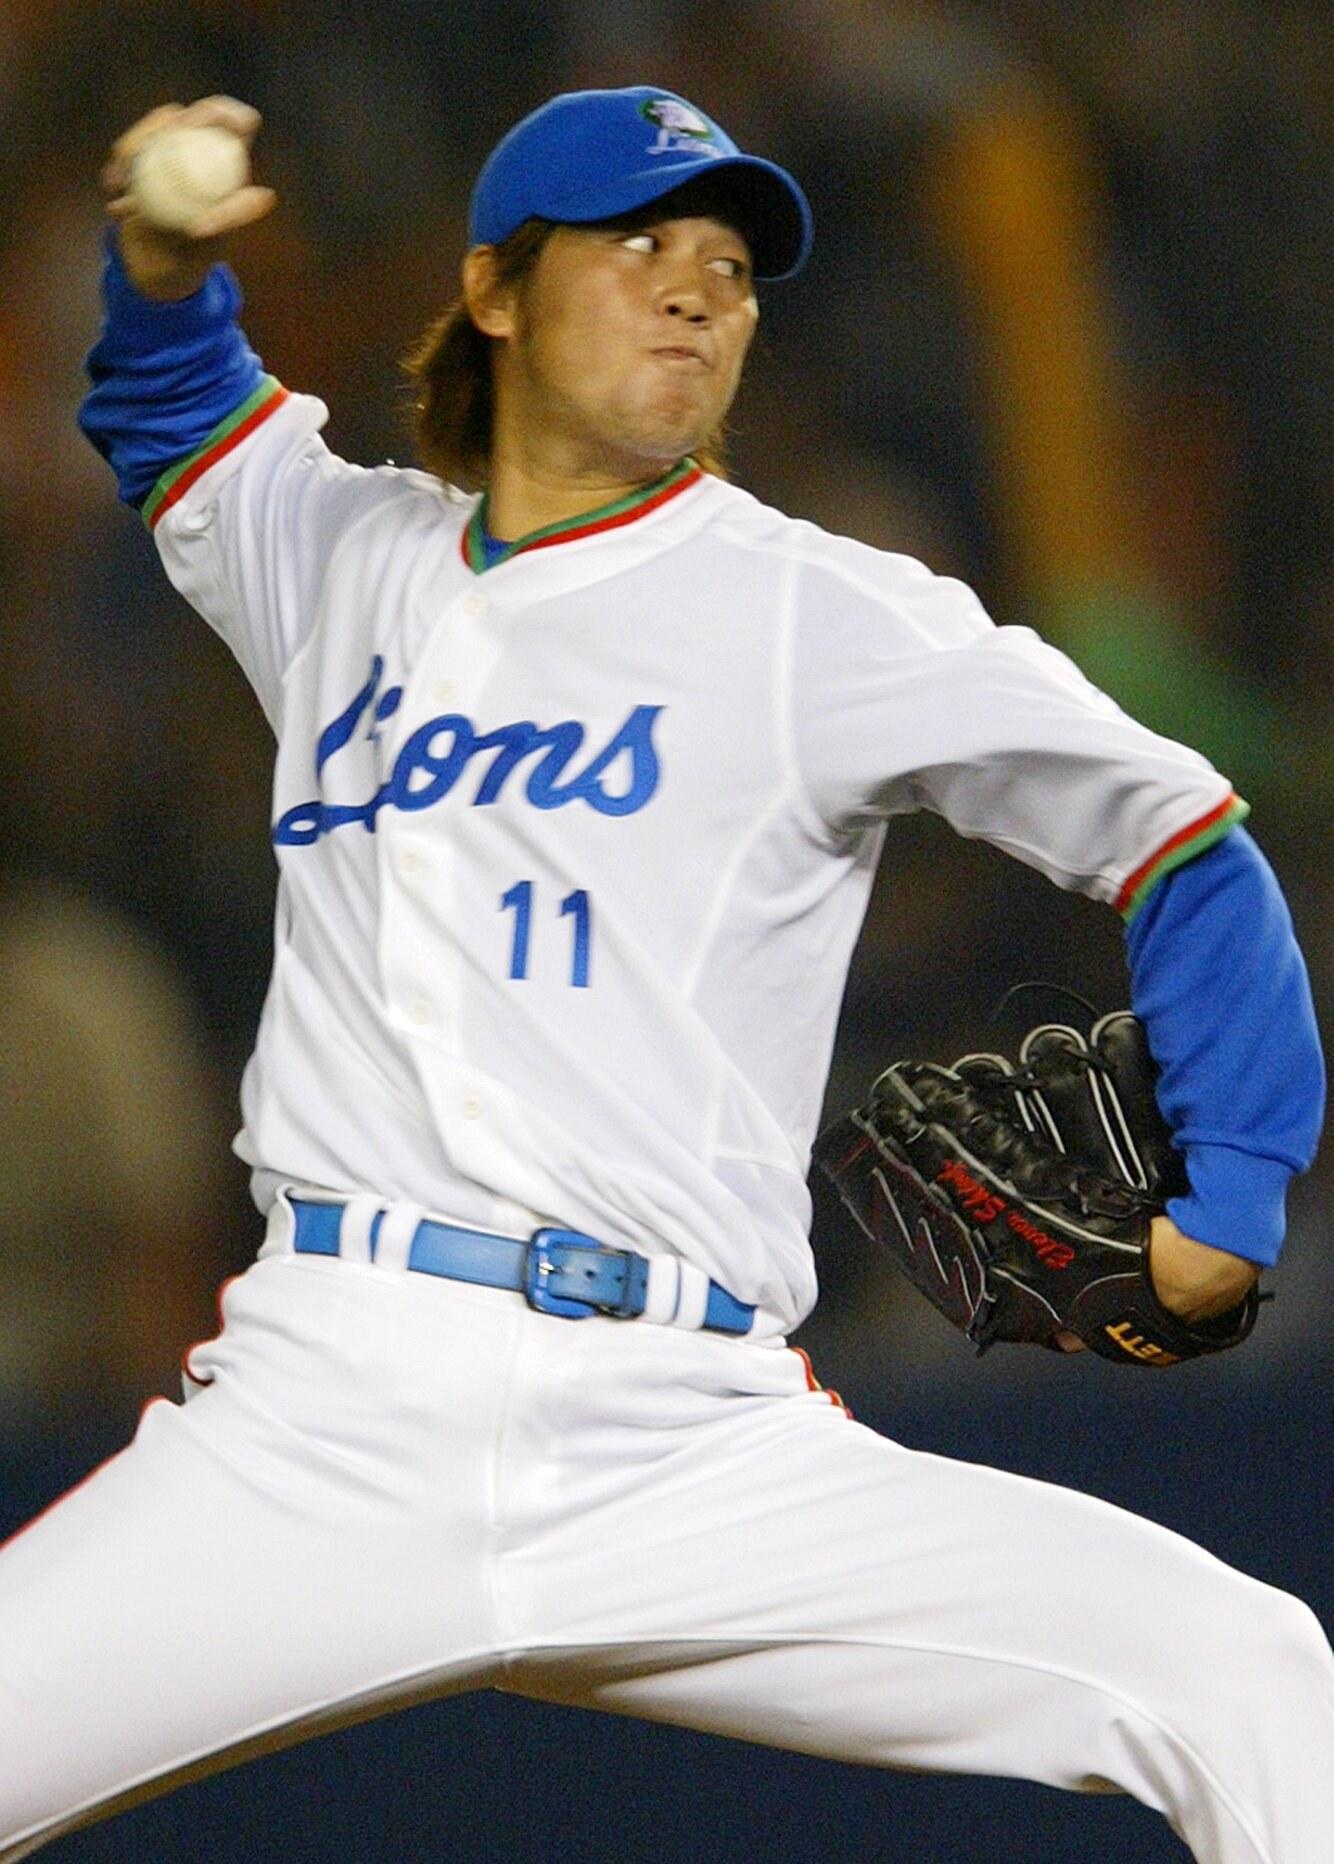 プロ野球・西武ライオンズの森慎二投手コーチが多臓器不全のためにこの日の午後、福岡市内の病院で死去した。42歳だった。